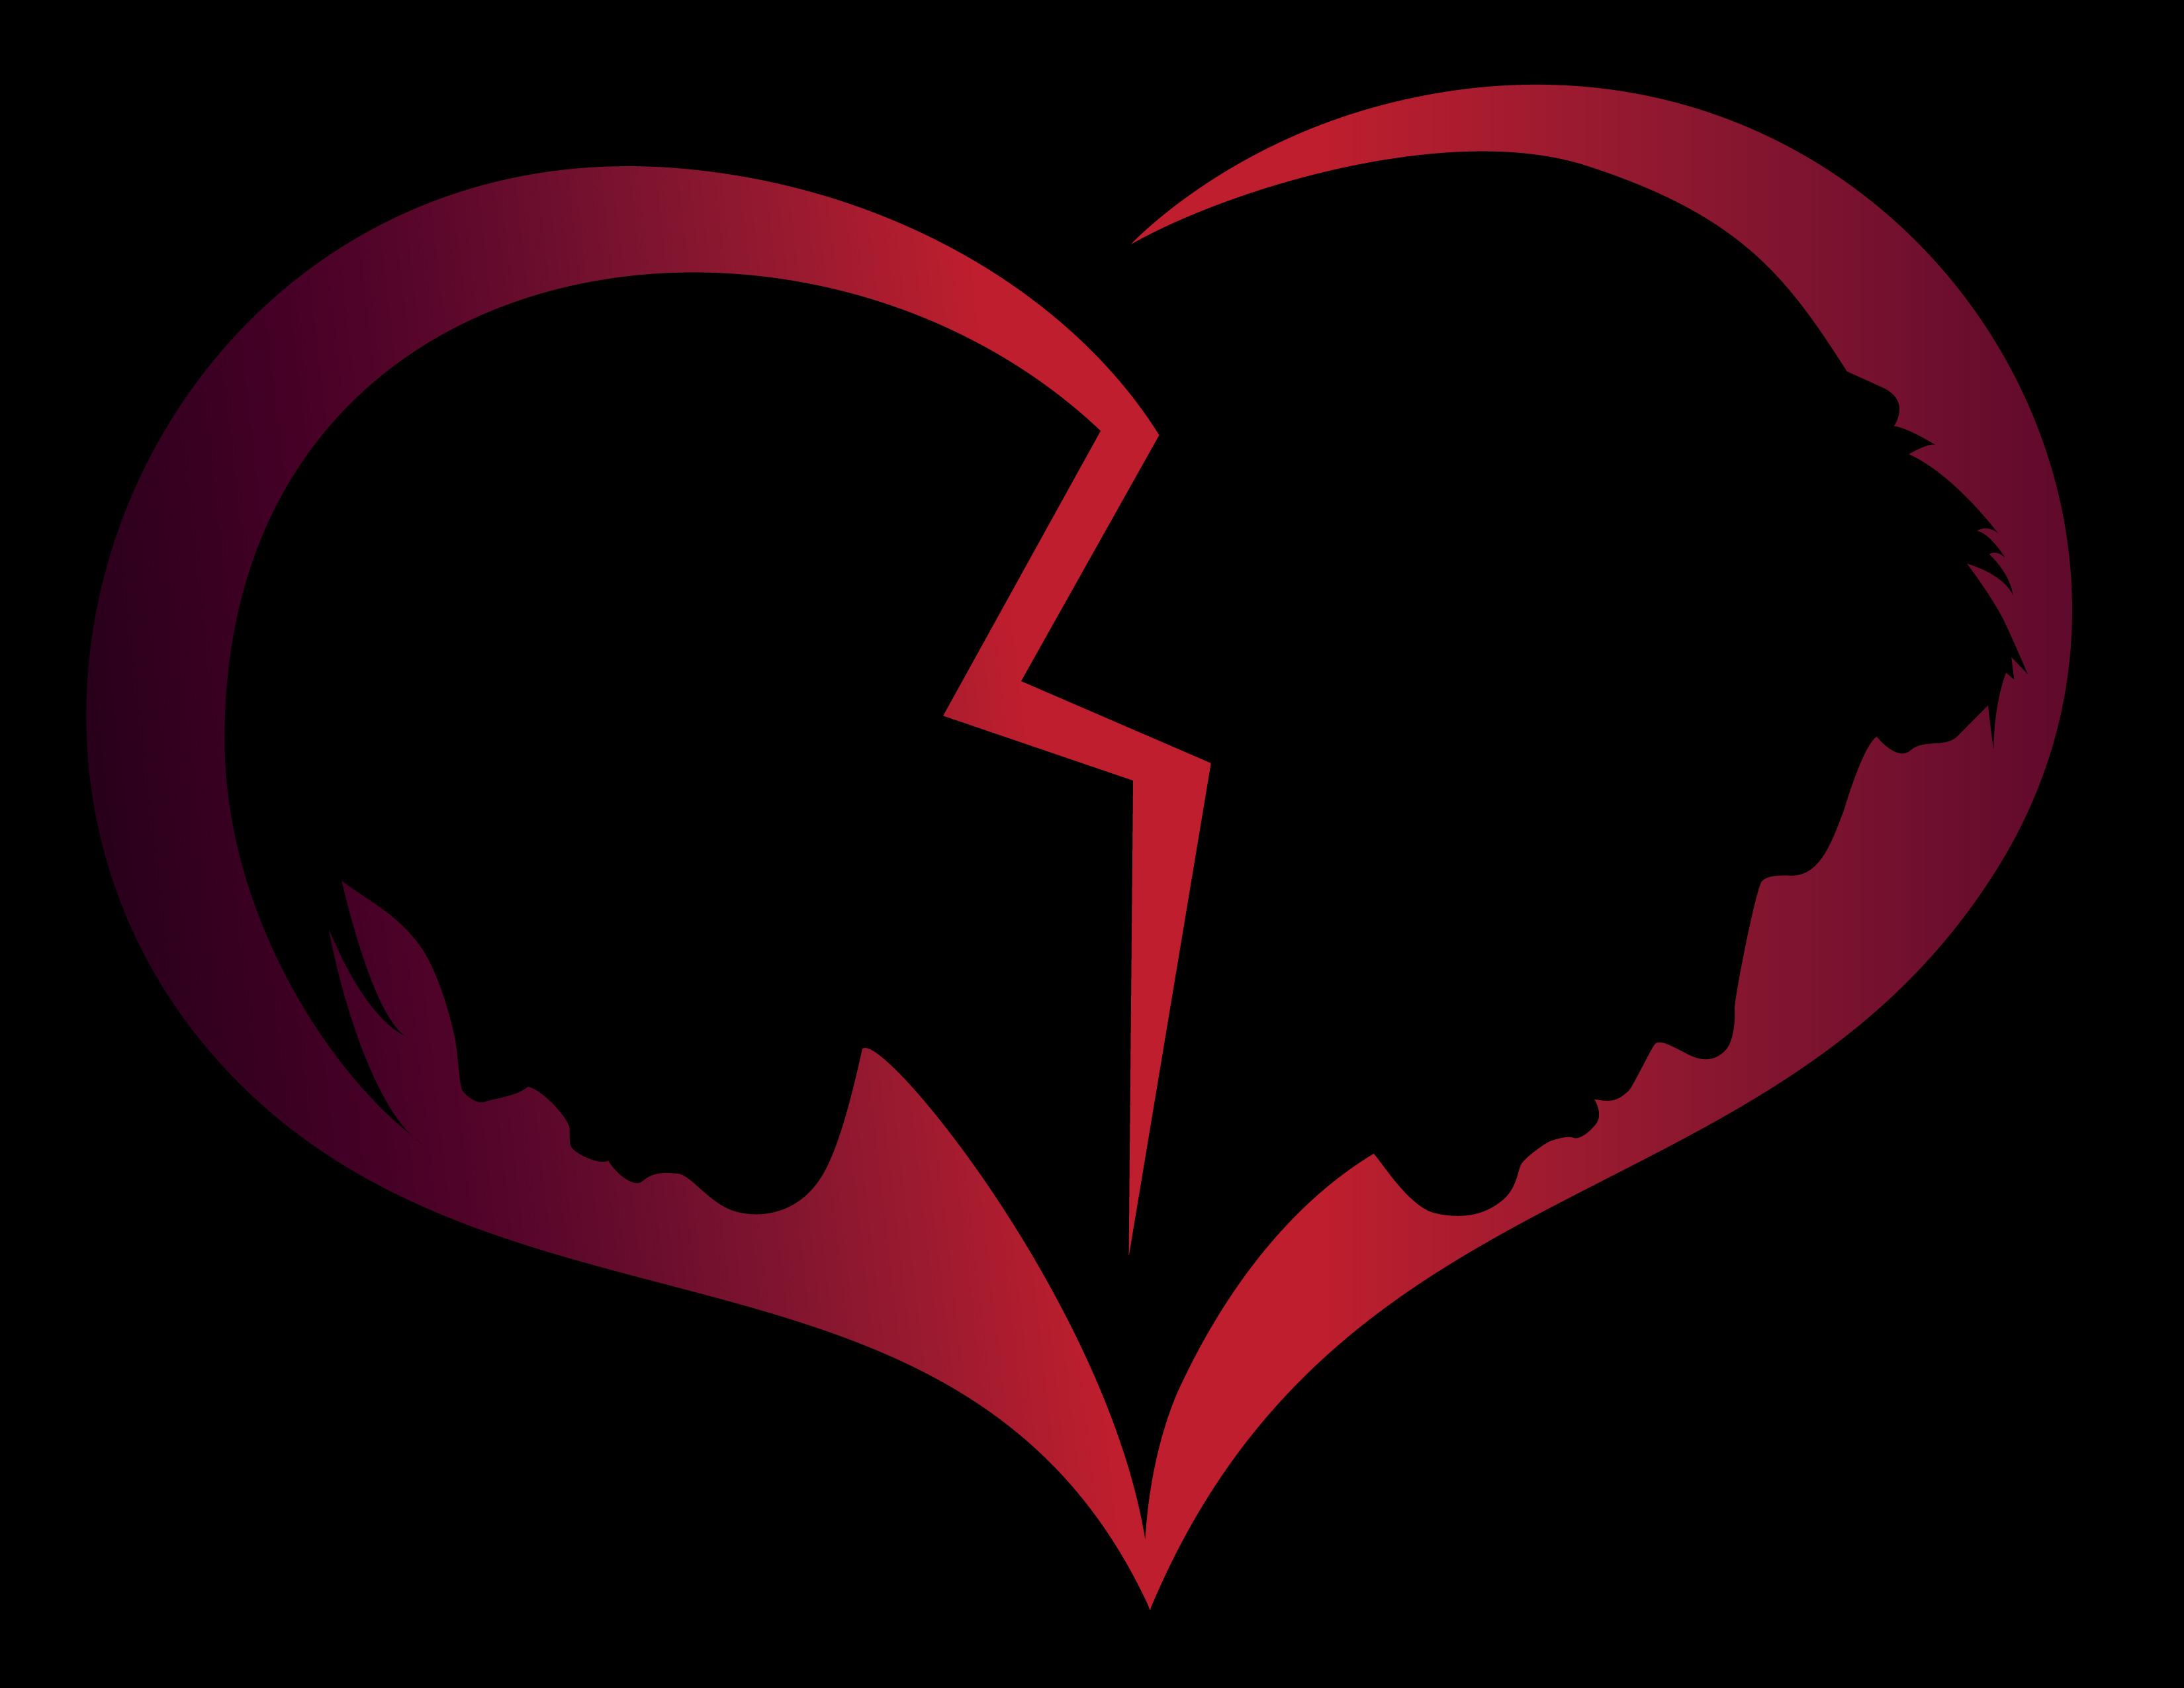 3300x2550 Broken Heart Managing Menopause Naturally